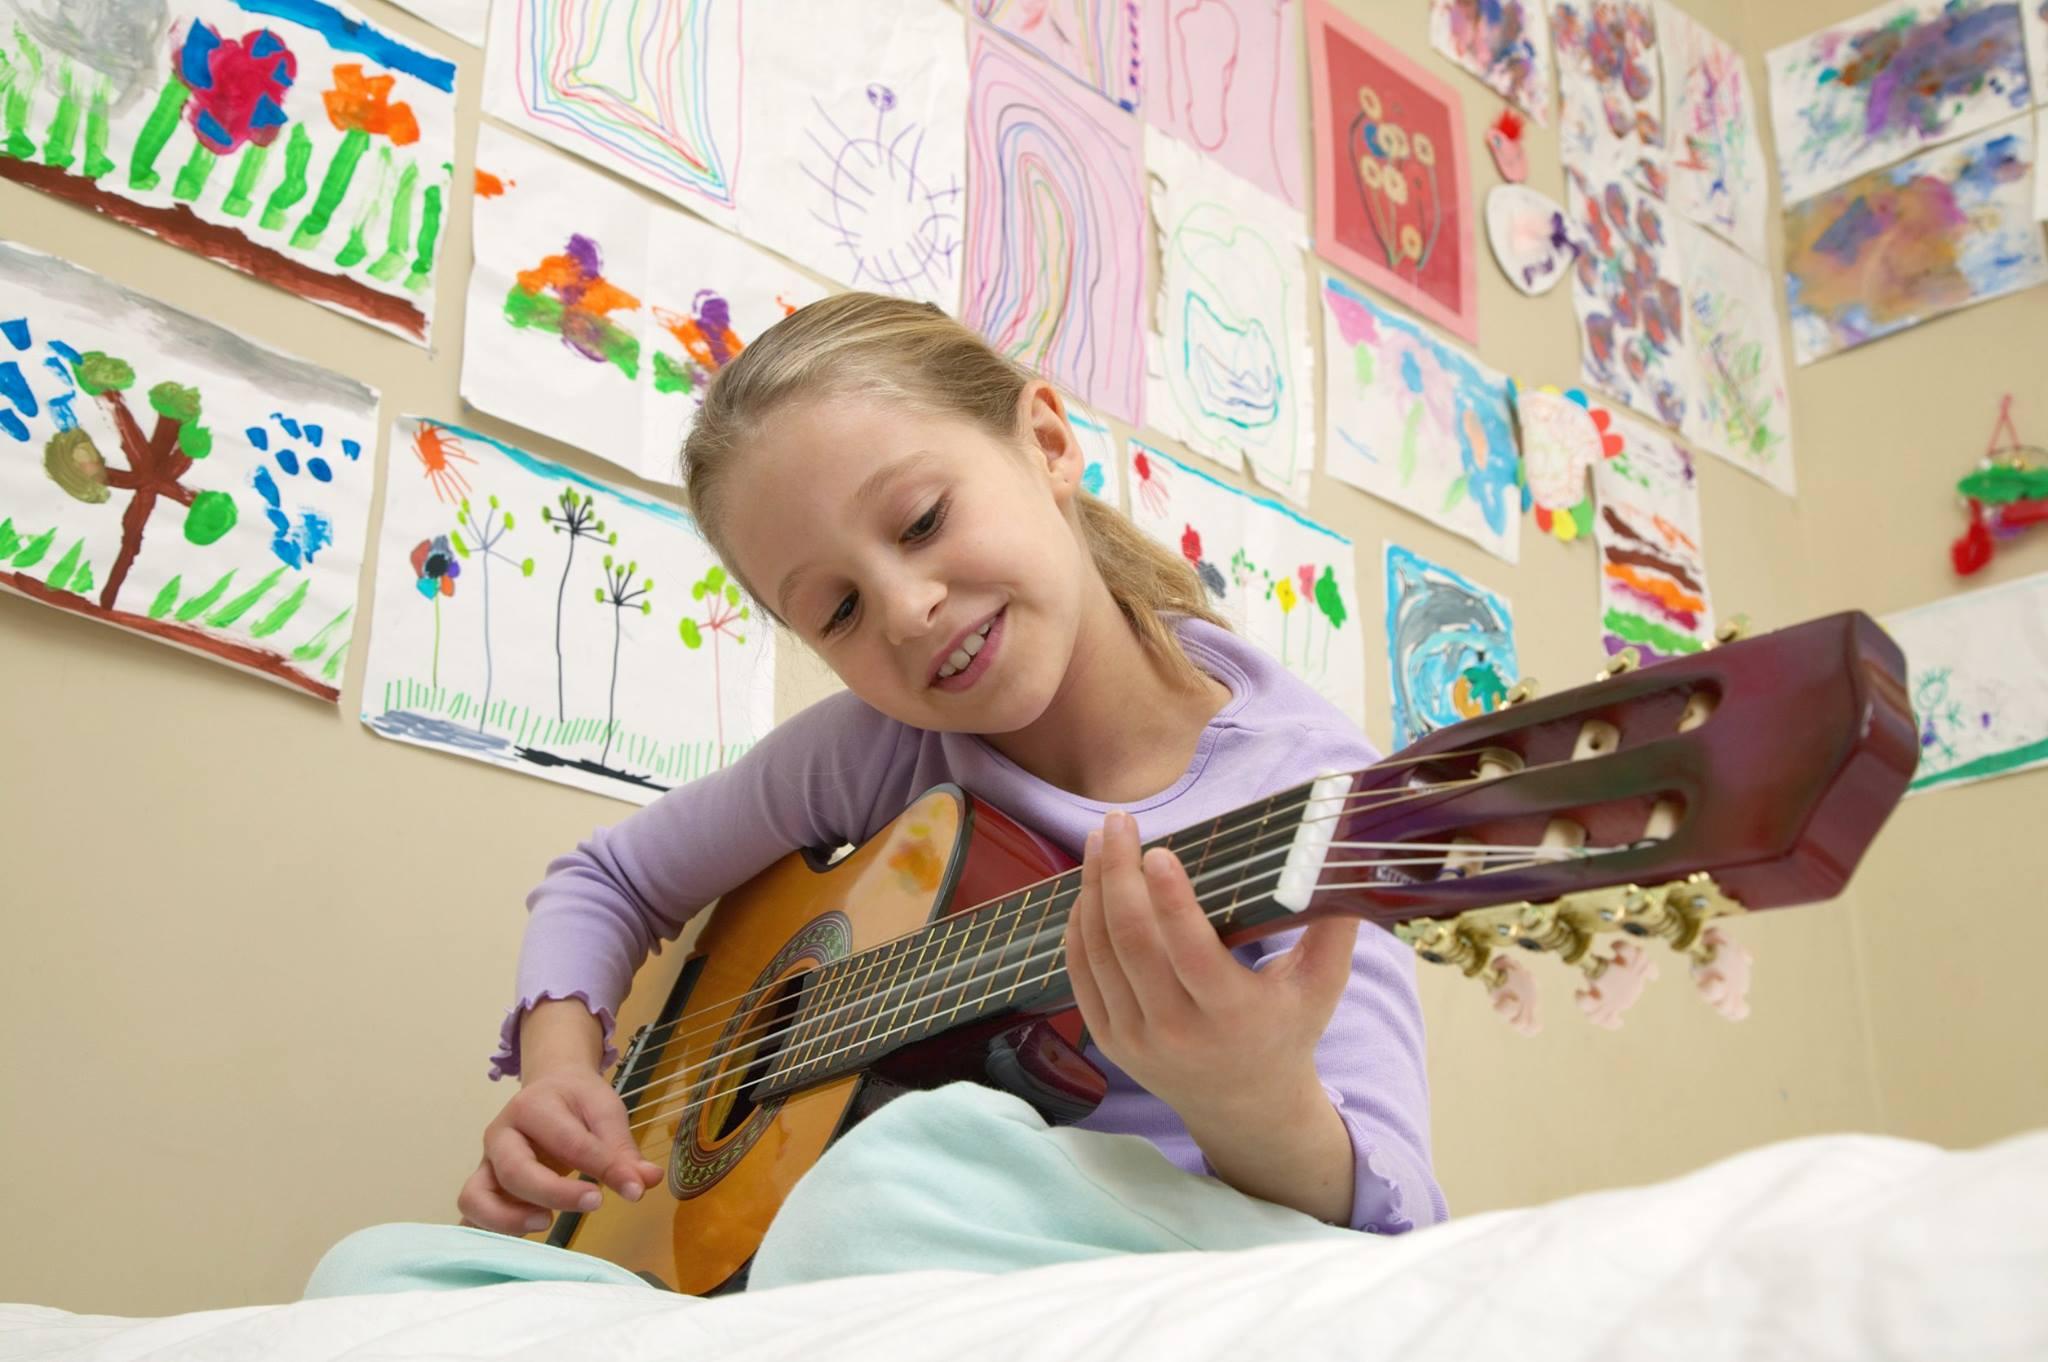 Hobid arendavad ja aitavad lapses kuhjunud pingetel ning emotsioonidel välja tulla.